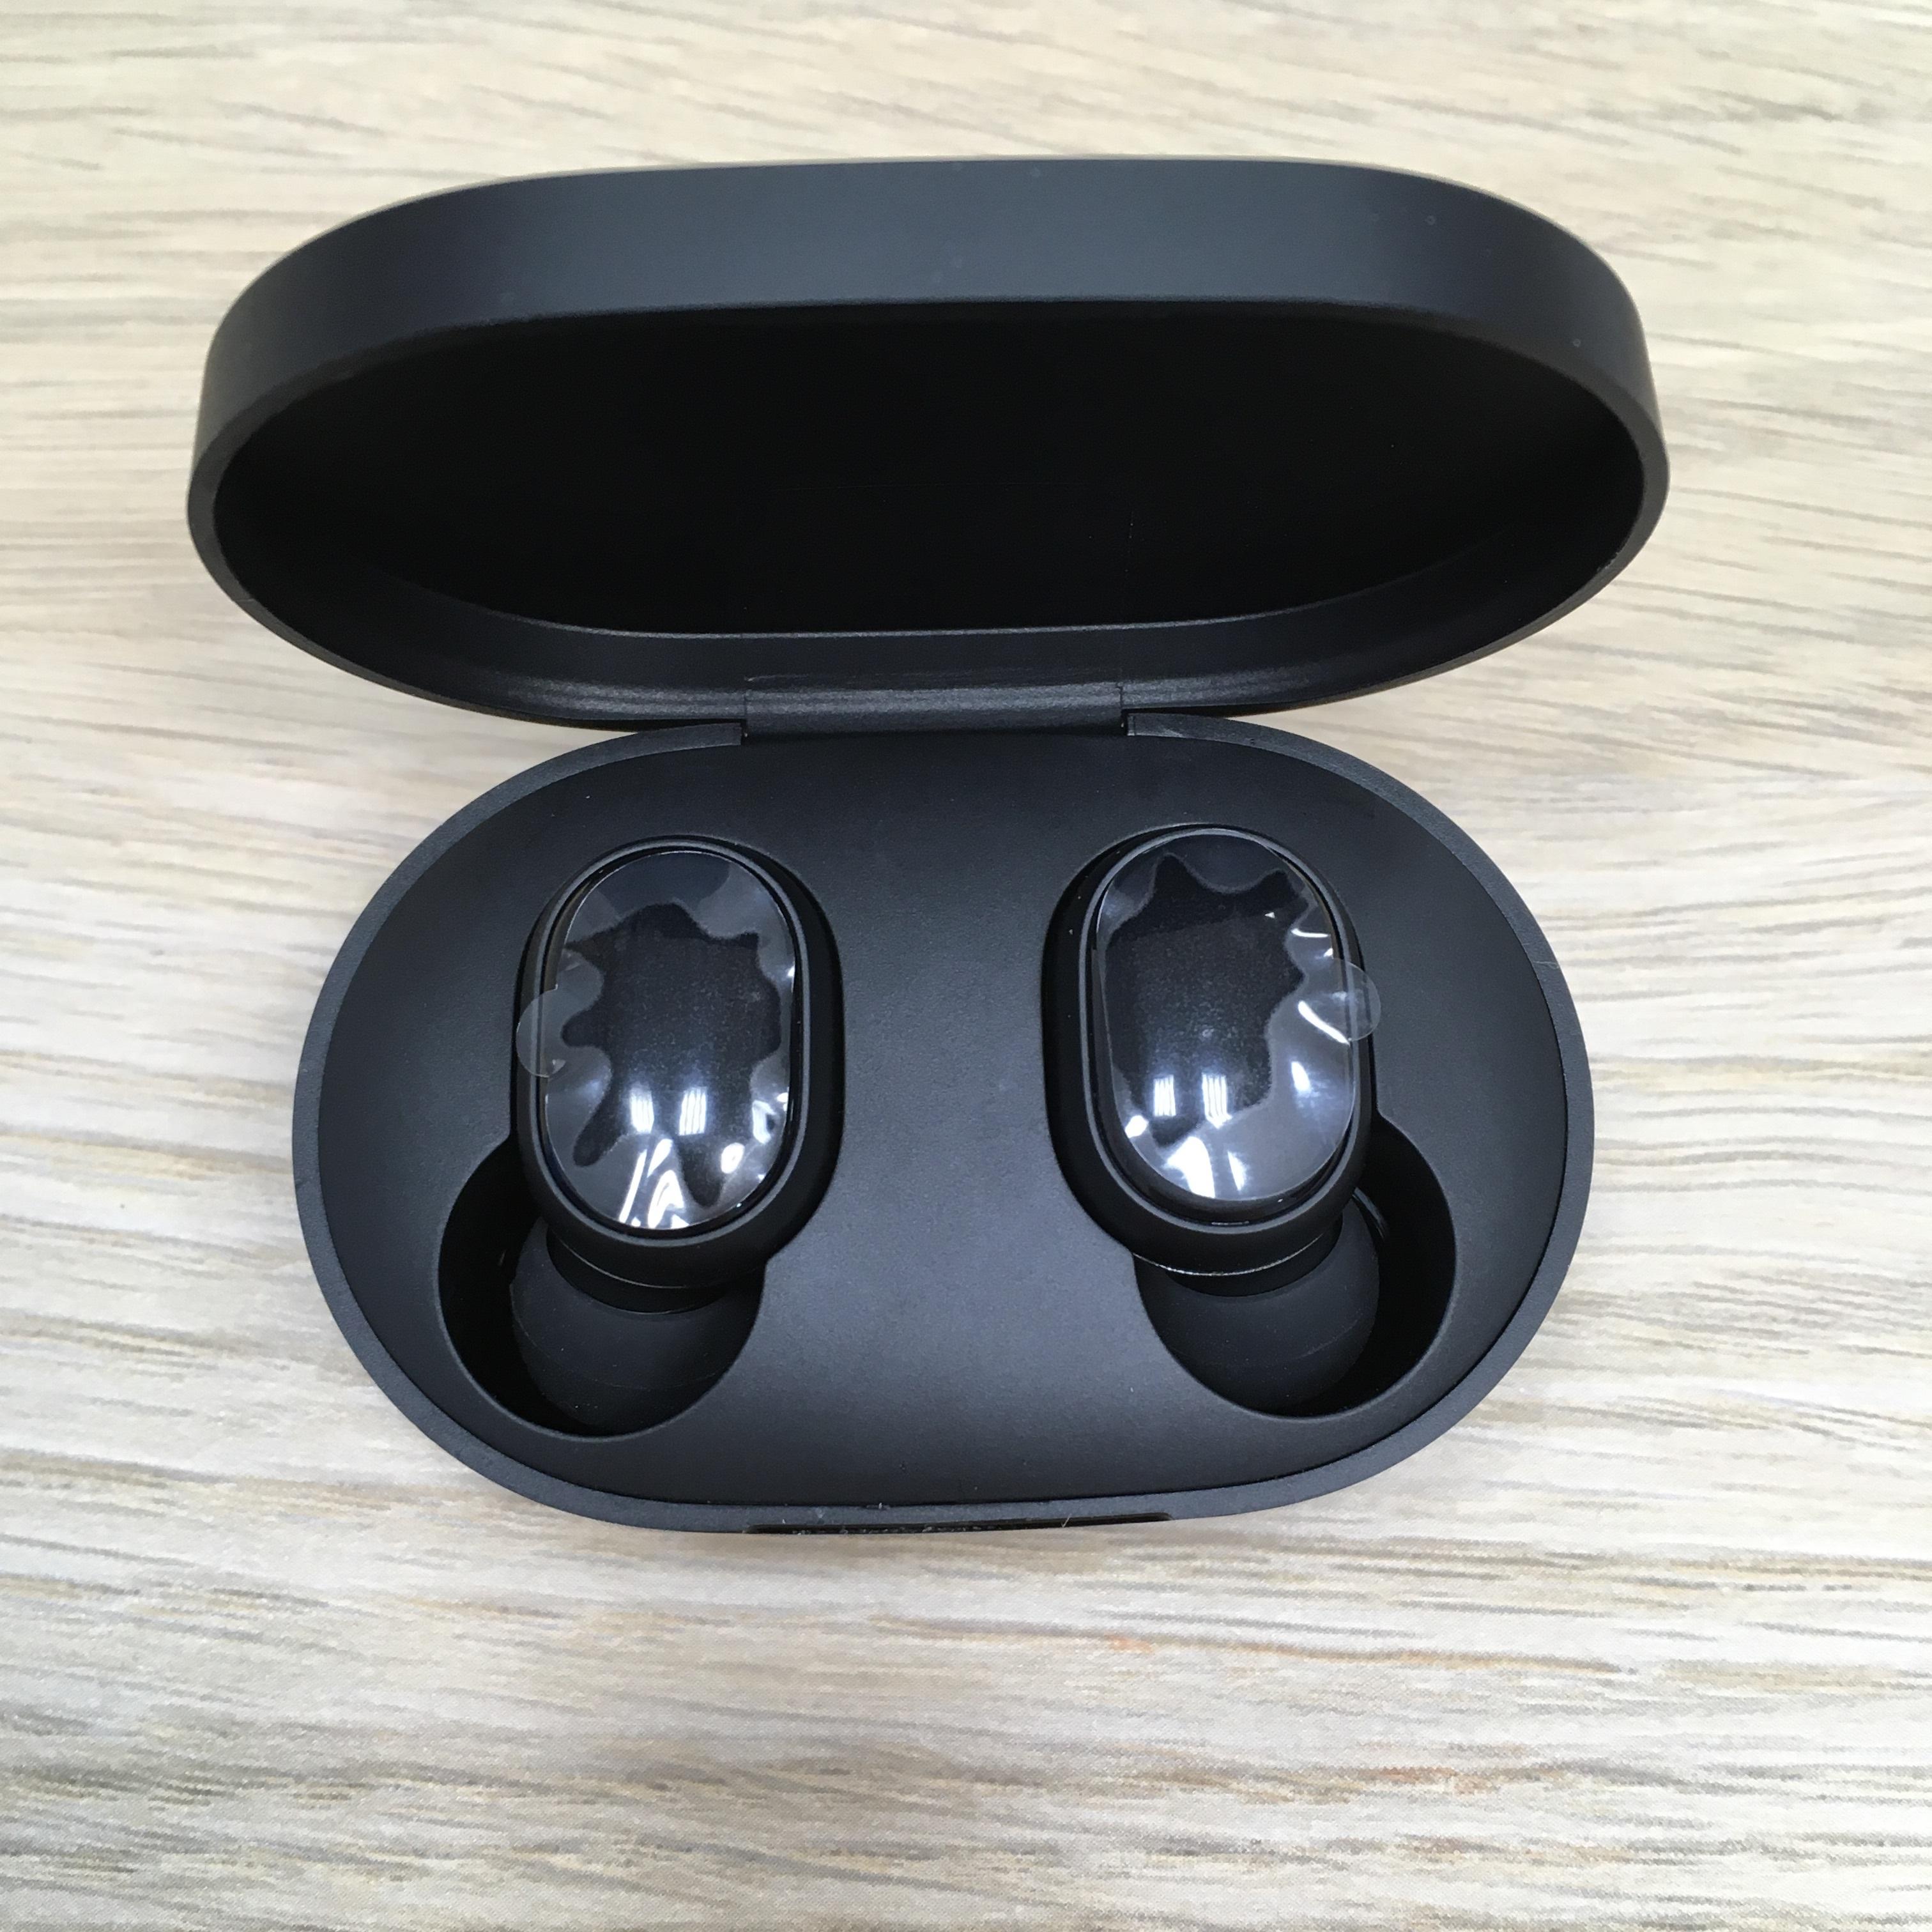 Купить Xiaomi Redmi AirDots  в Ачинске по выгодной цене и с быстрой доставкой